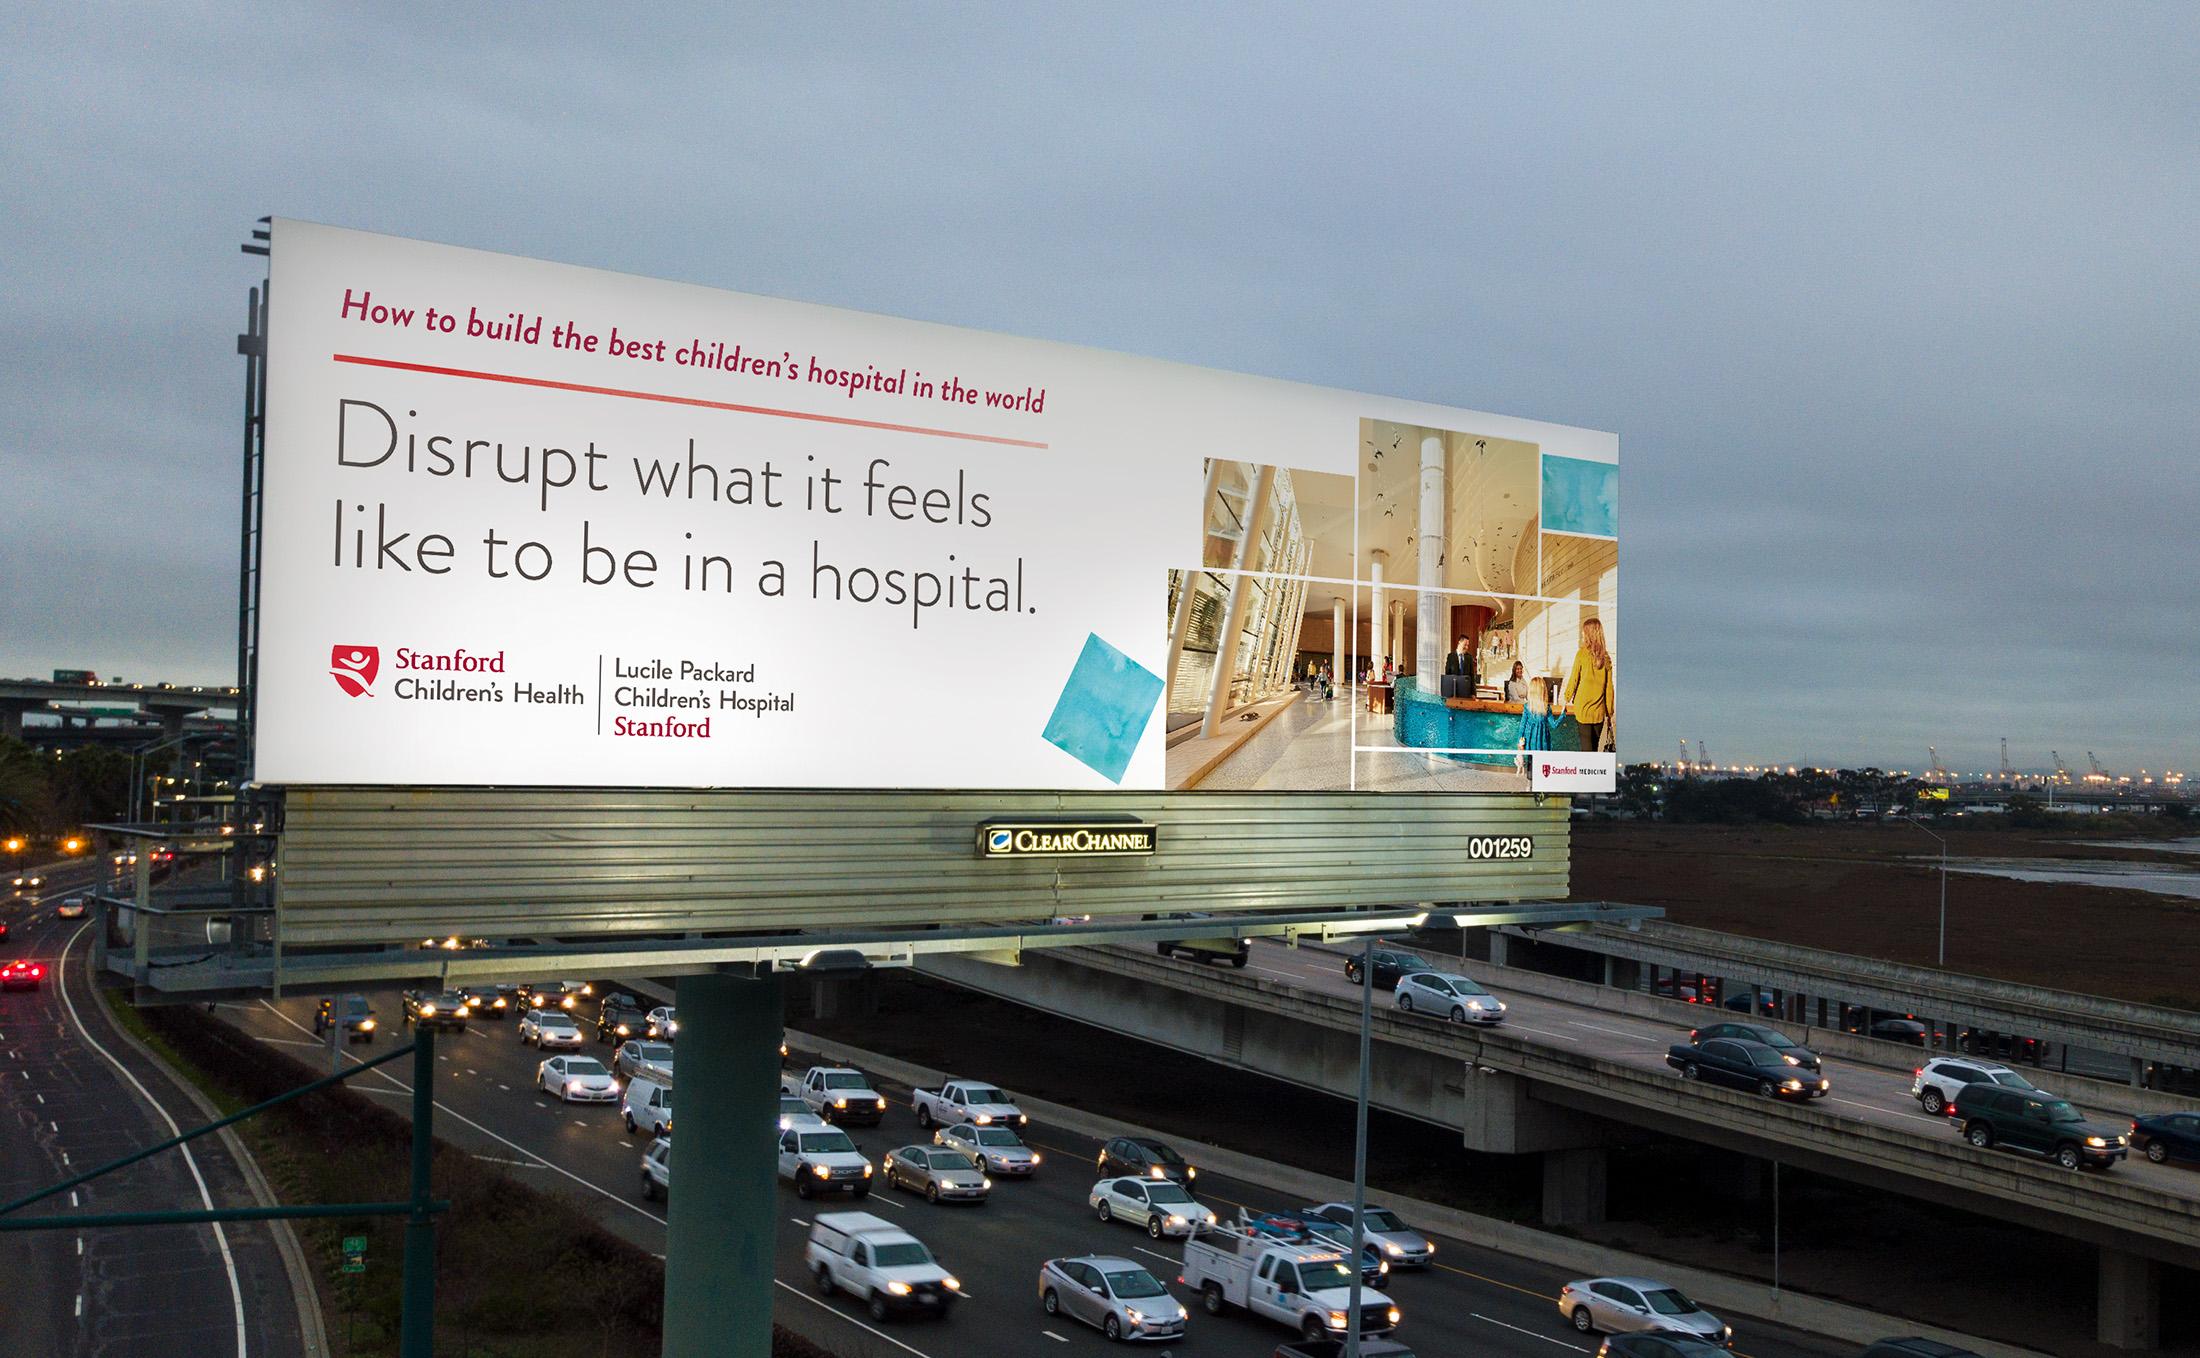 LPCHS_Billboard_Disrupt@2x.jpg